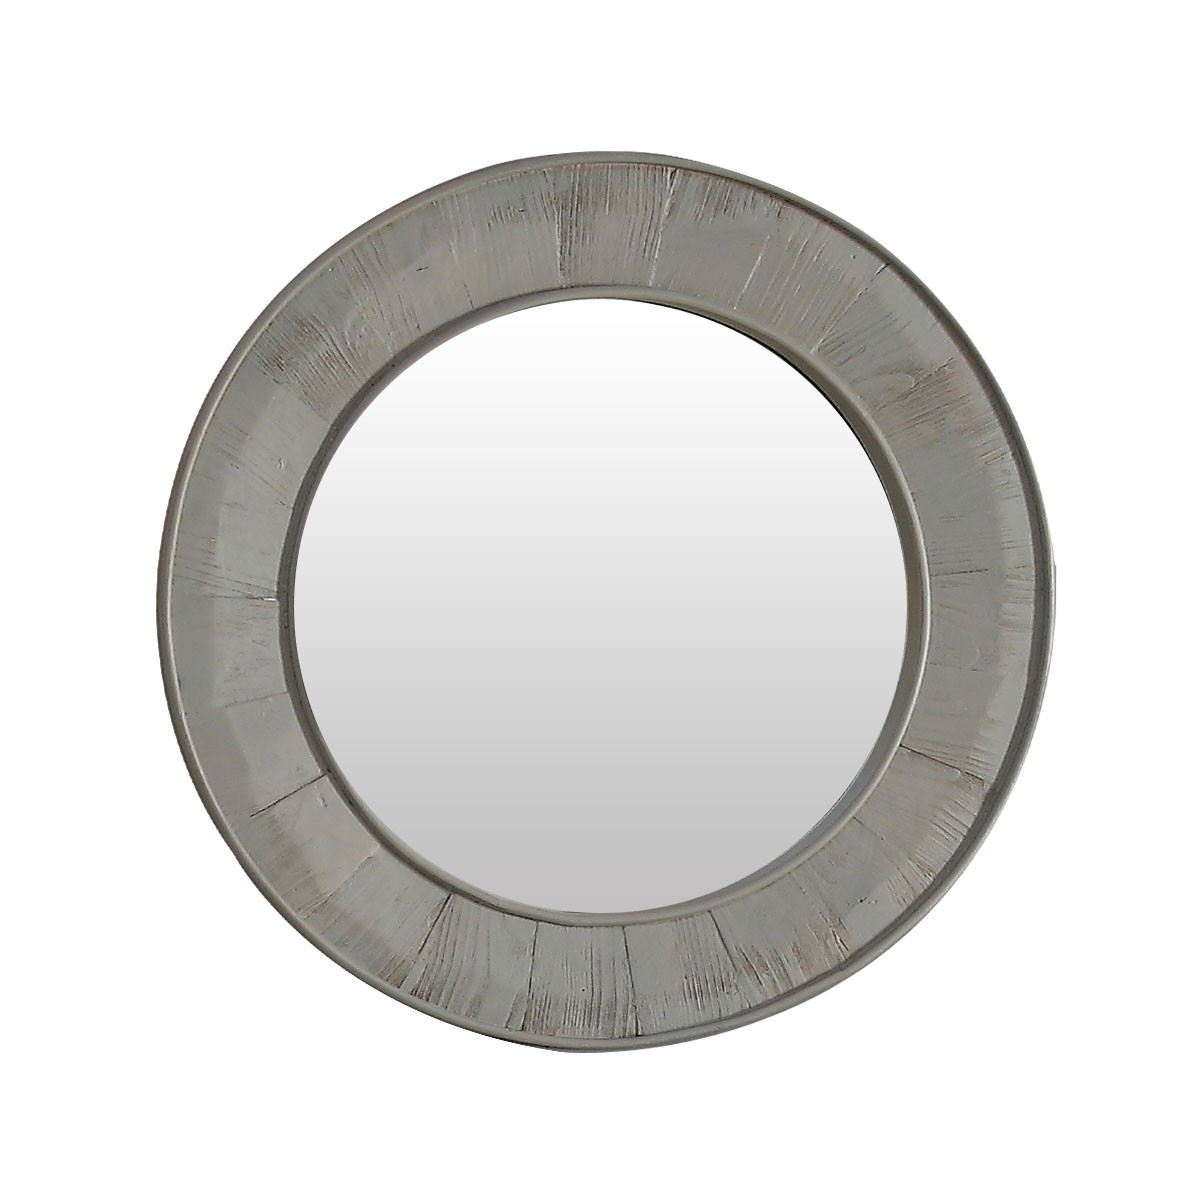 28 x 28 po miroir rond pour vanit avec cadre en bois de for Miroir rond cadre bois